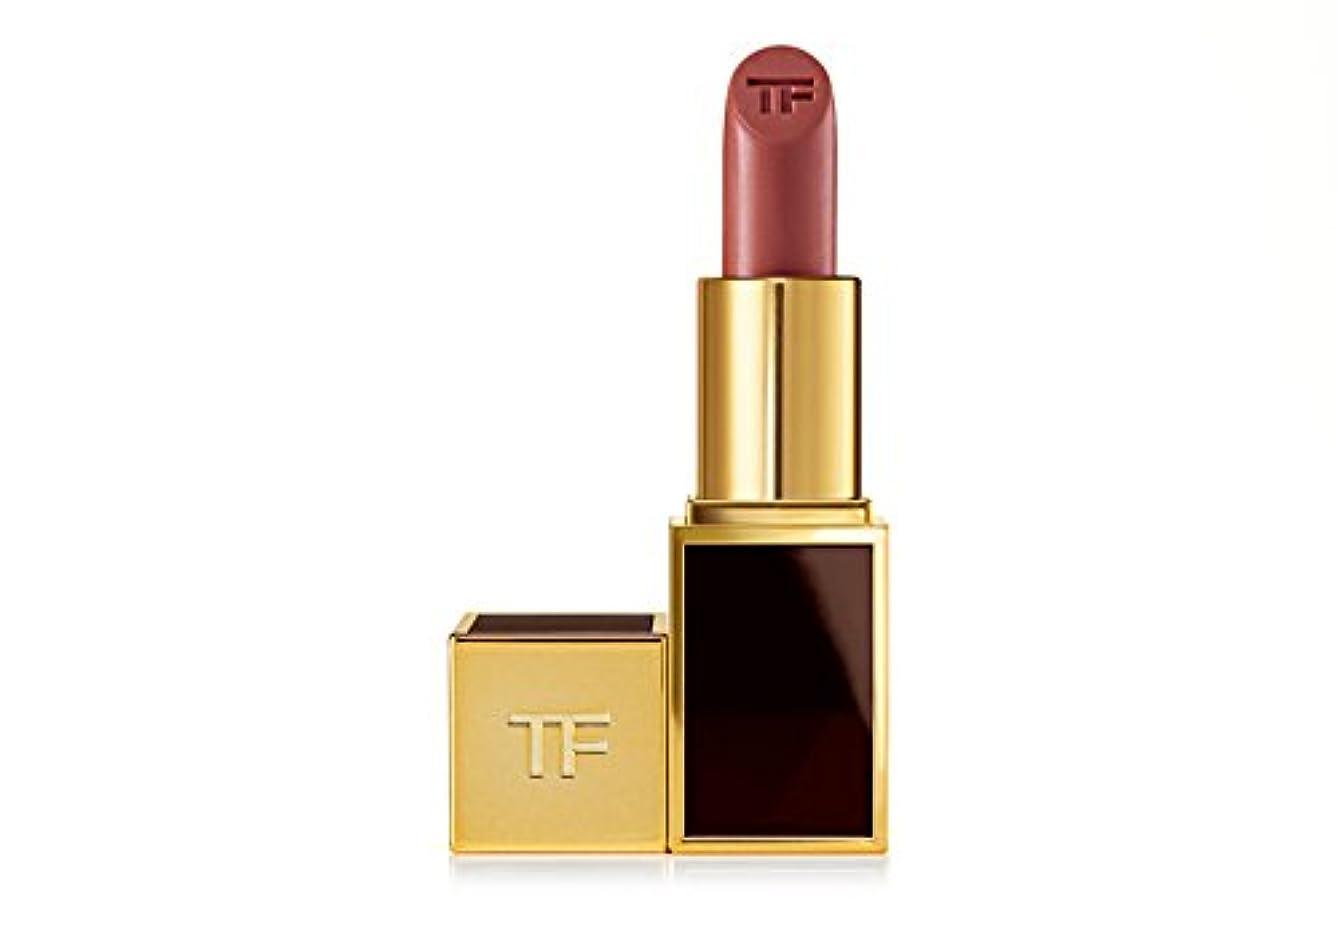 後ろに強大な反逆トムフォード リップス アンド ボーイズ 11 中立 リップカラー 口紅 Tom Ford Lipstick 11 NEUTRALS Lip Color Lips and Boys (#20 Richard リチャード) [並行輸入品]